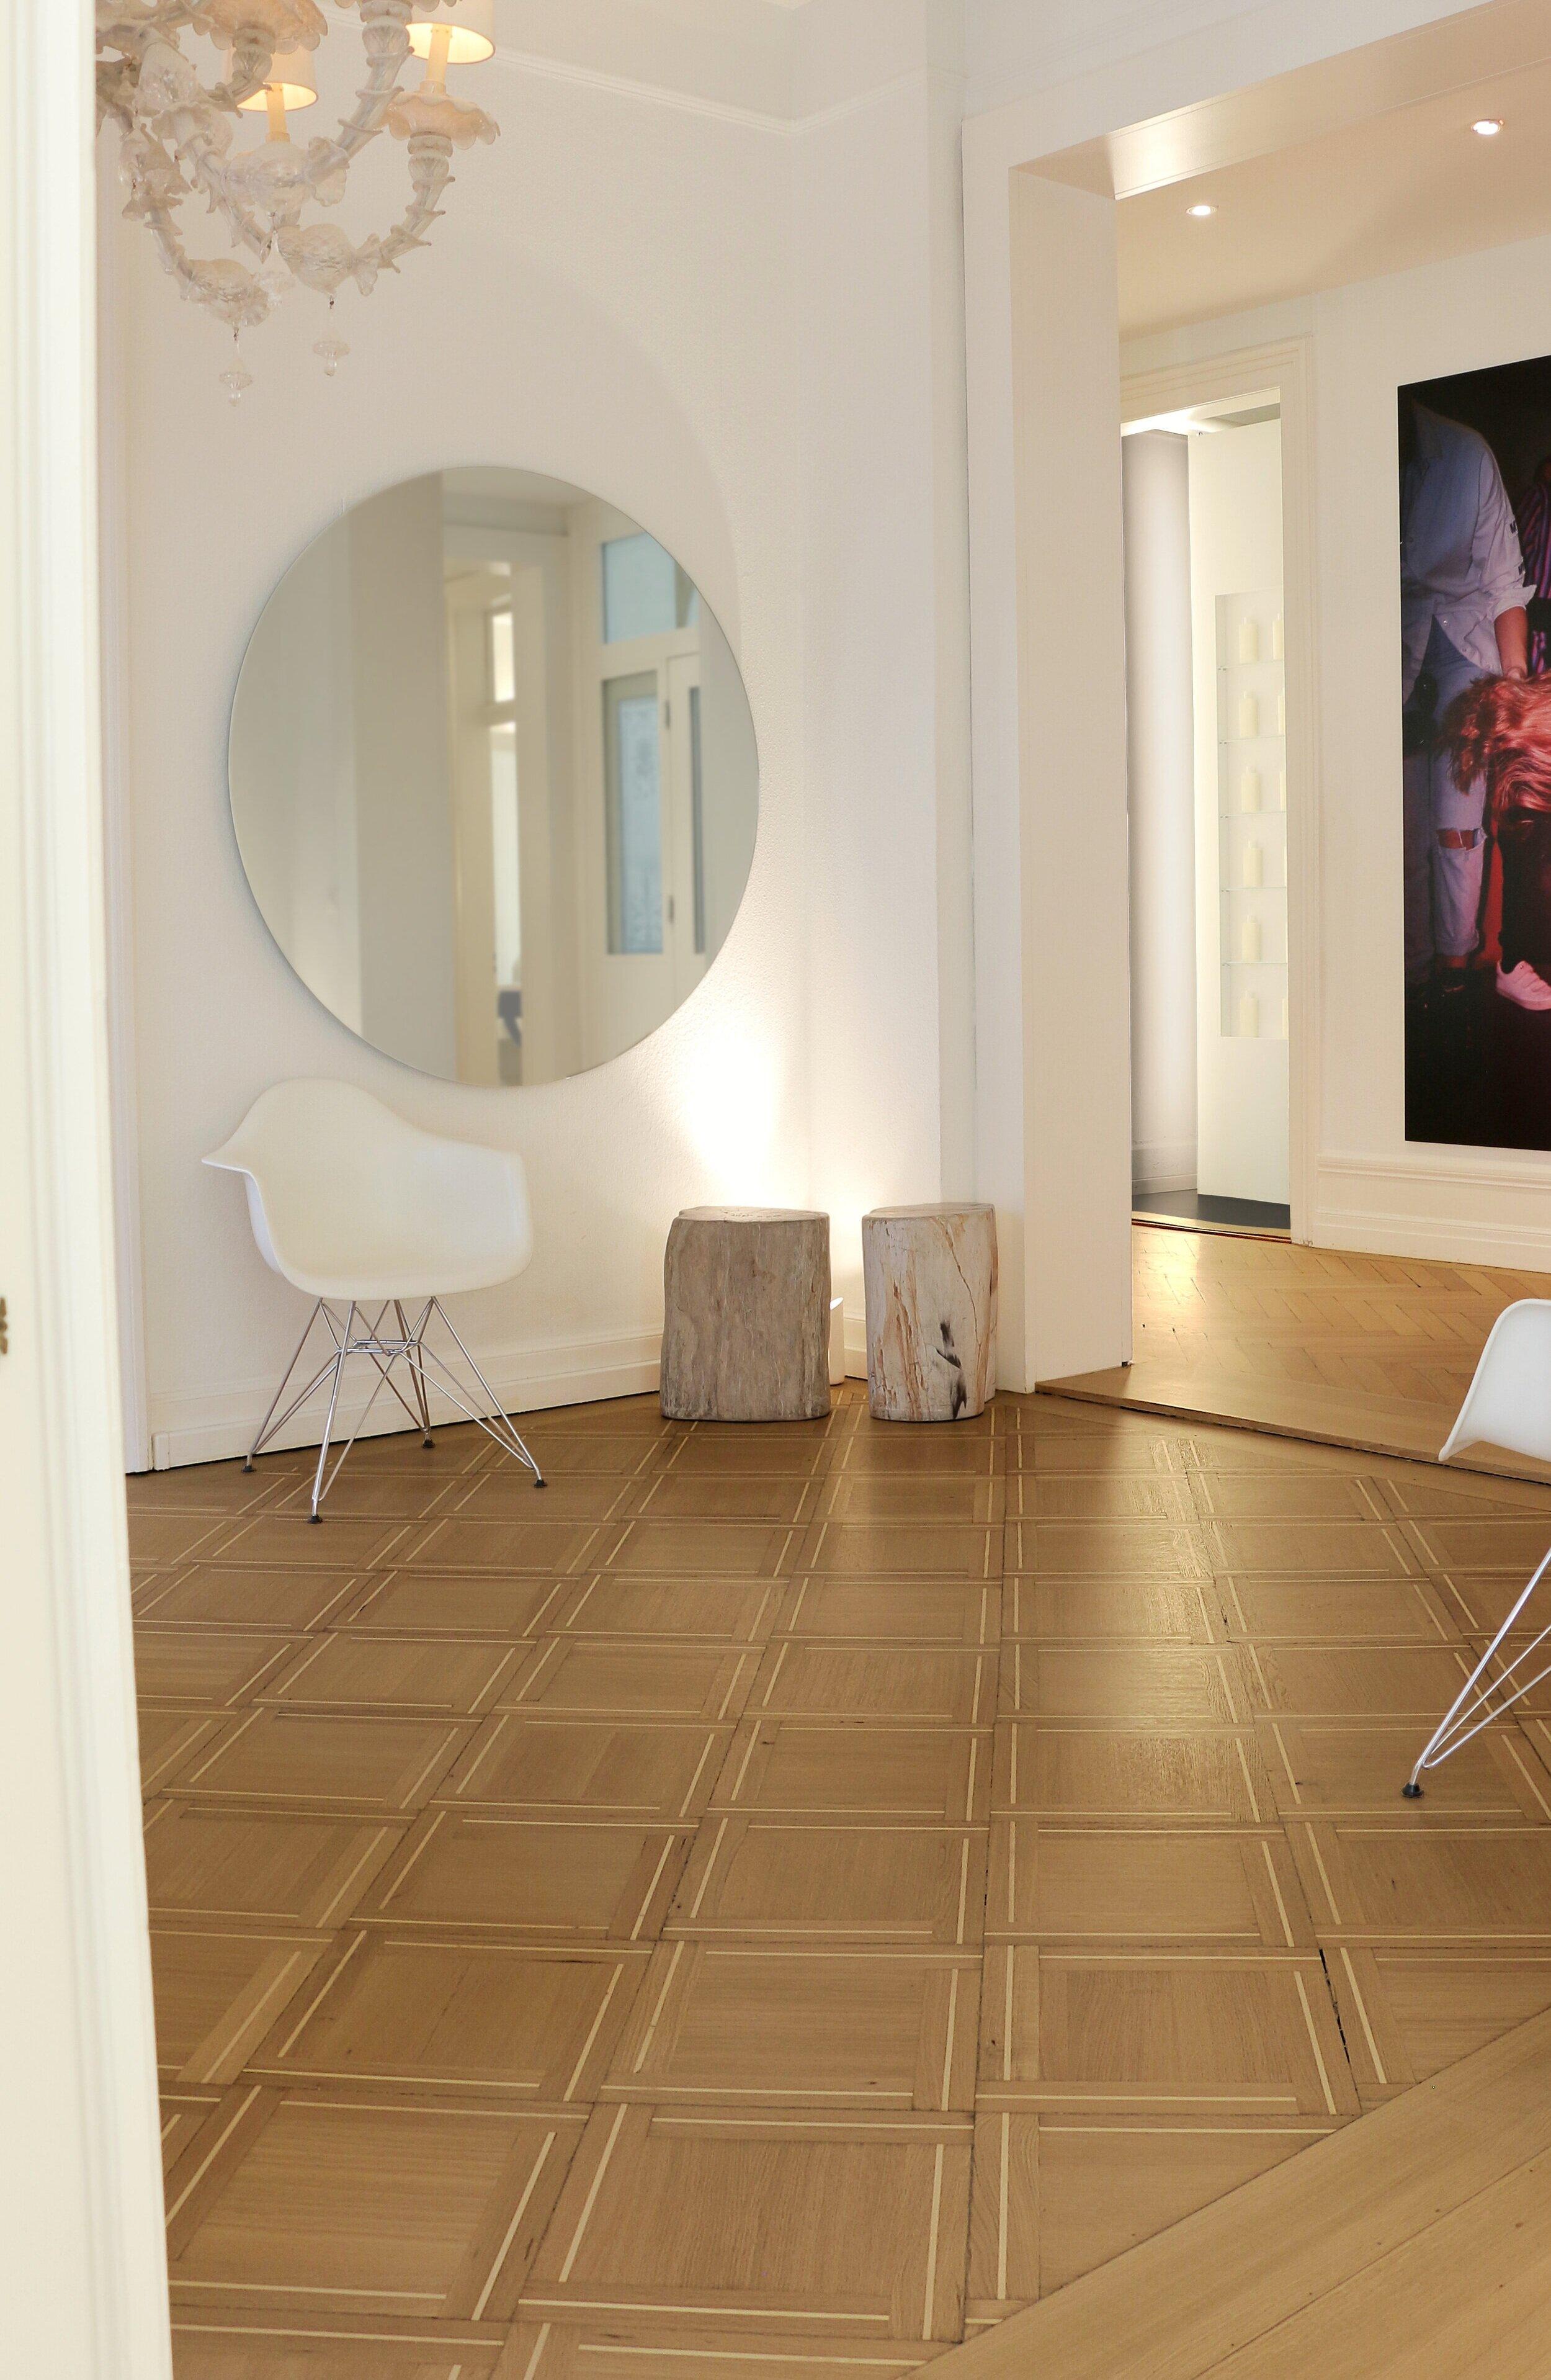 Ryser Boeden Charles Aellen Salon Toedistrasse 2 Kasetten Parkett Wartezimmer 2019.jpeg